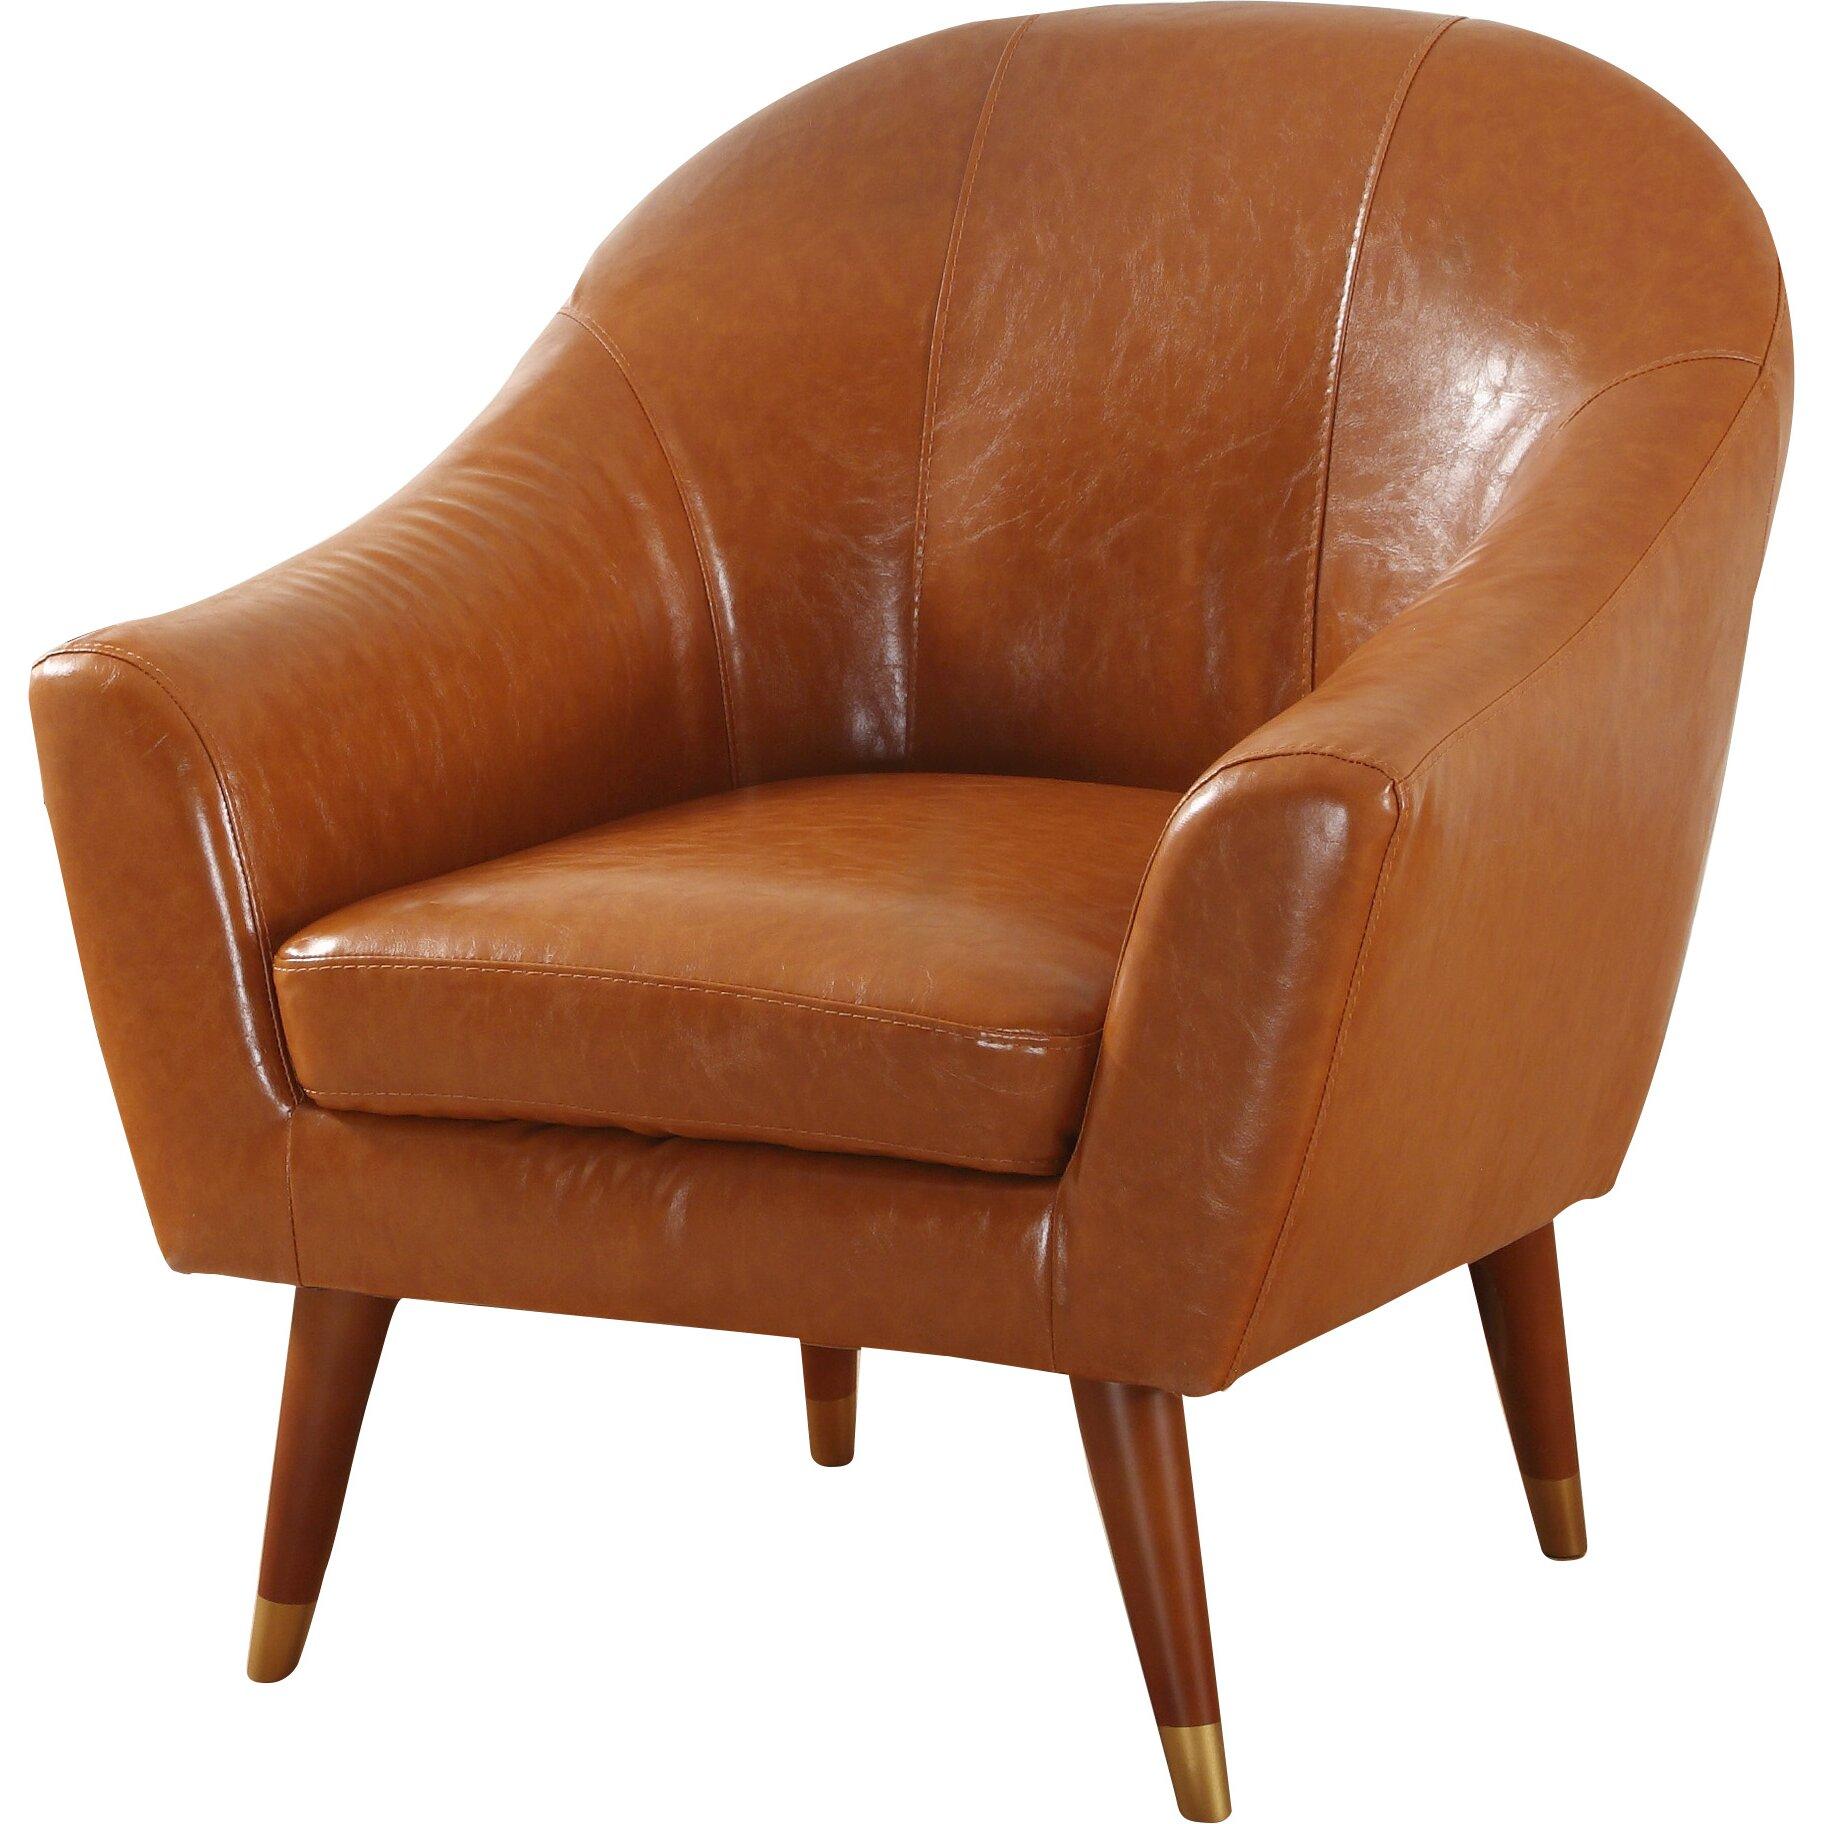 Mid century modern armchair wayfair for Mid century modern armchairs